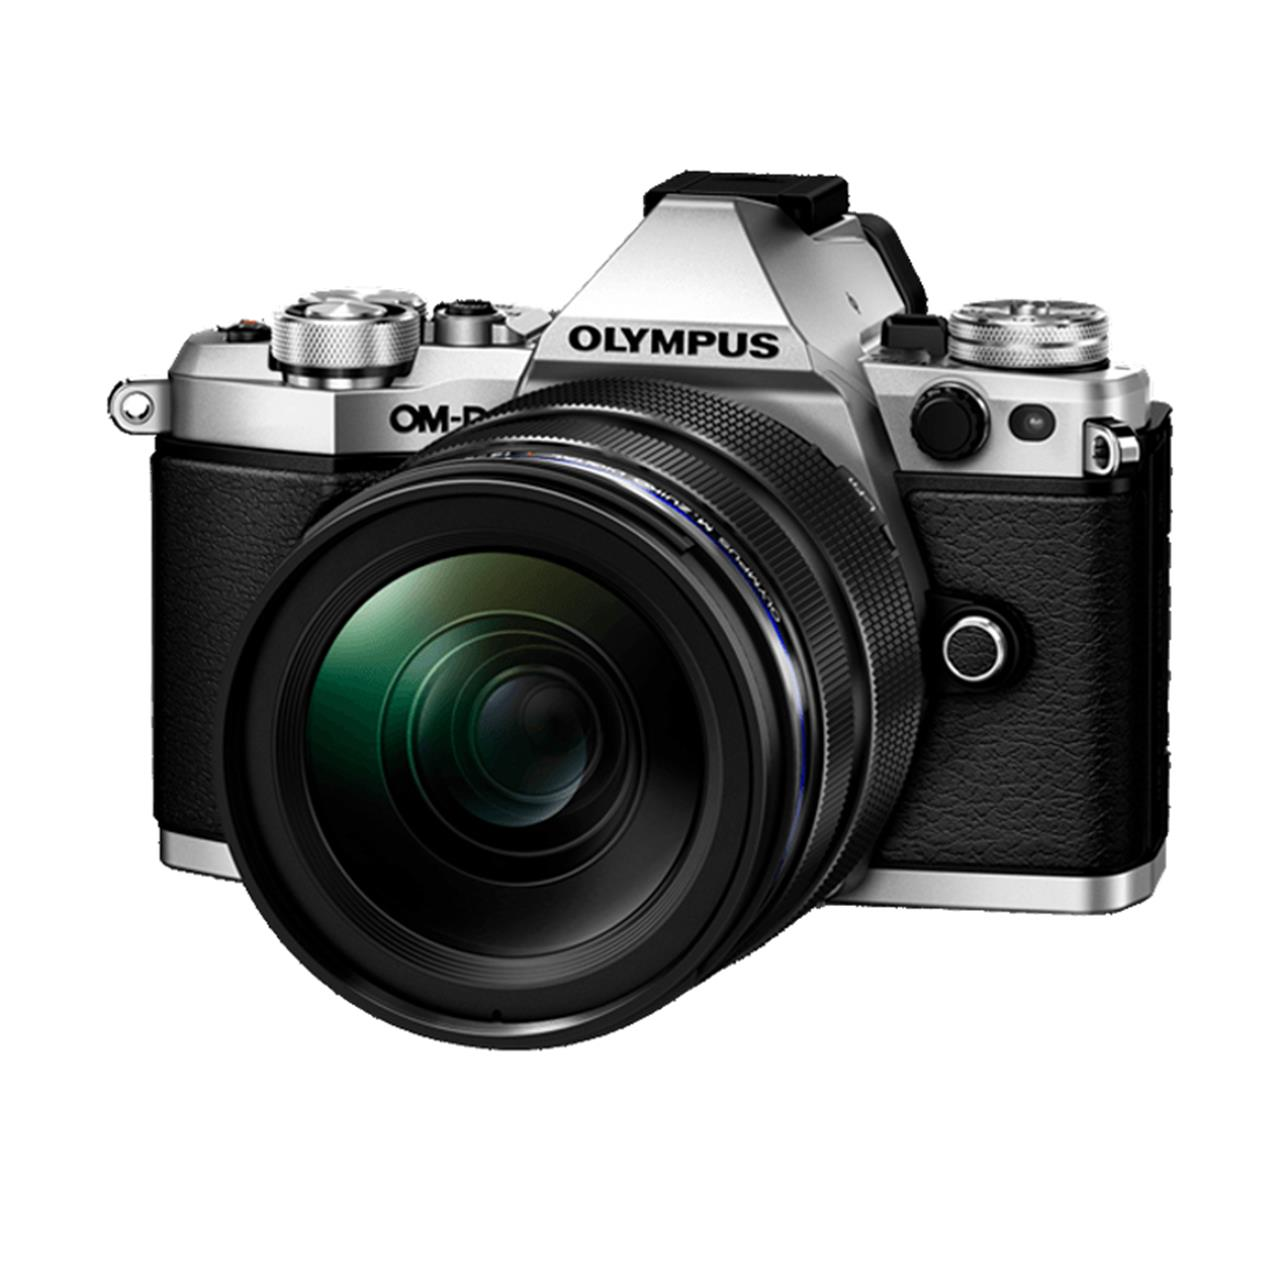 4545350048310__olympus_om-d_e-m5_m2_12-40mm_pro_silver_hofma.jpg